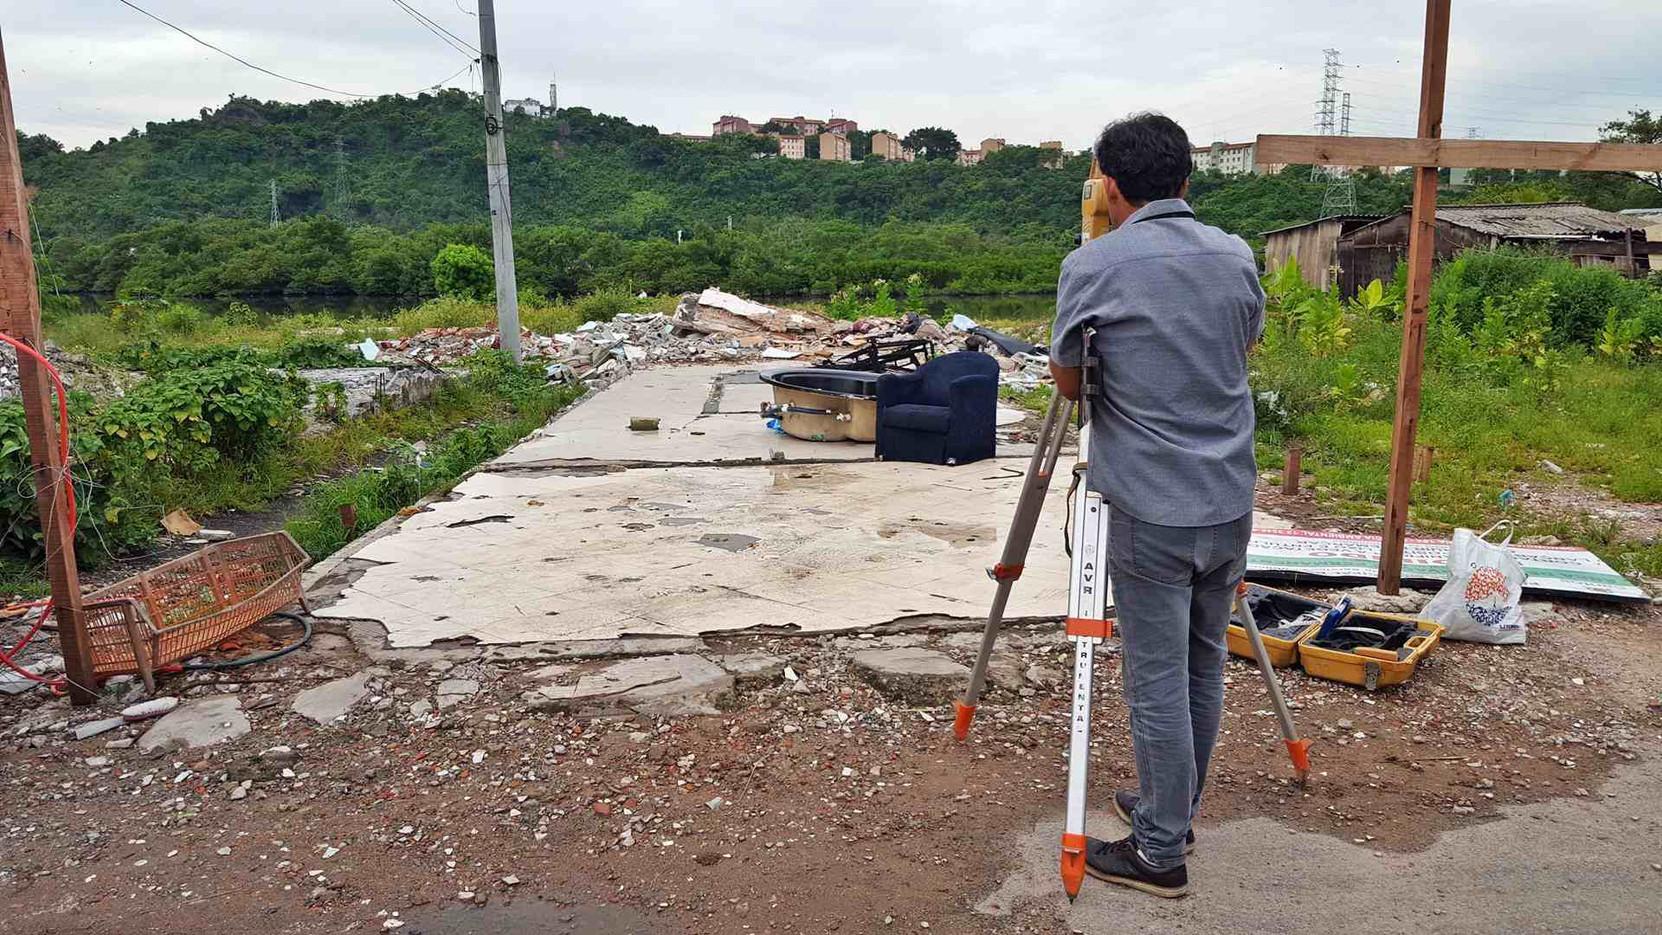 Visita técnica com topógrafo da Prefeitura de Santos para inserção da área na planta da COHAB Santista e aditamento na cessão de uso de área pela SPU.